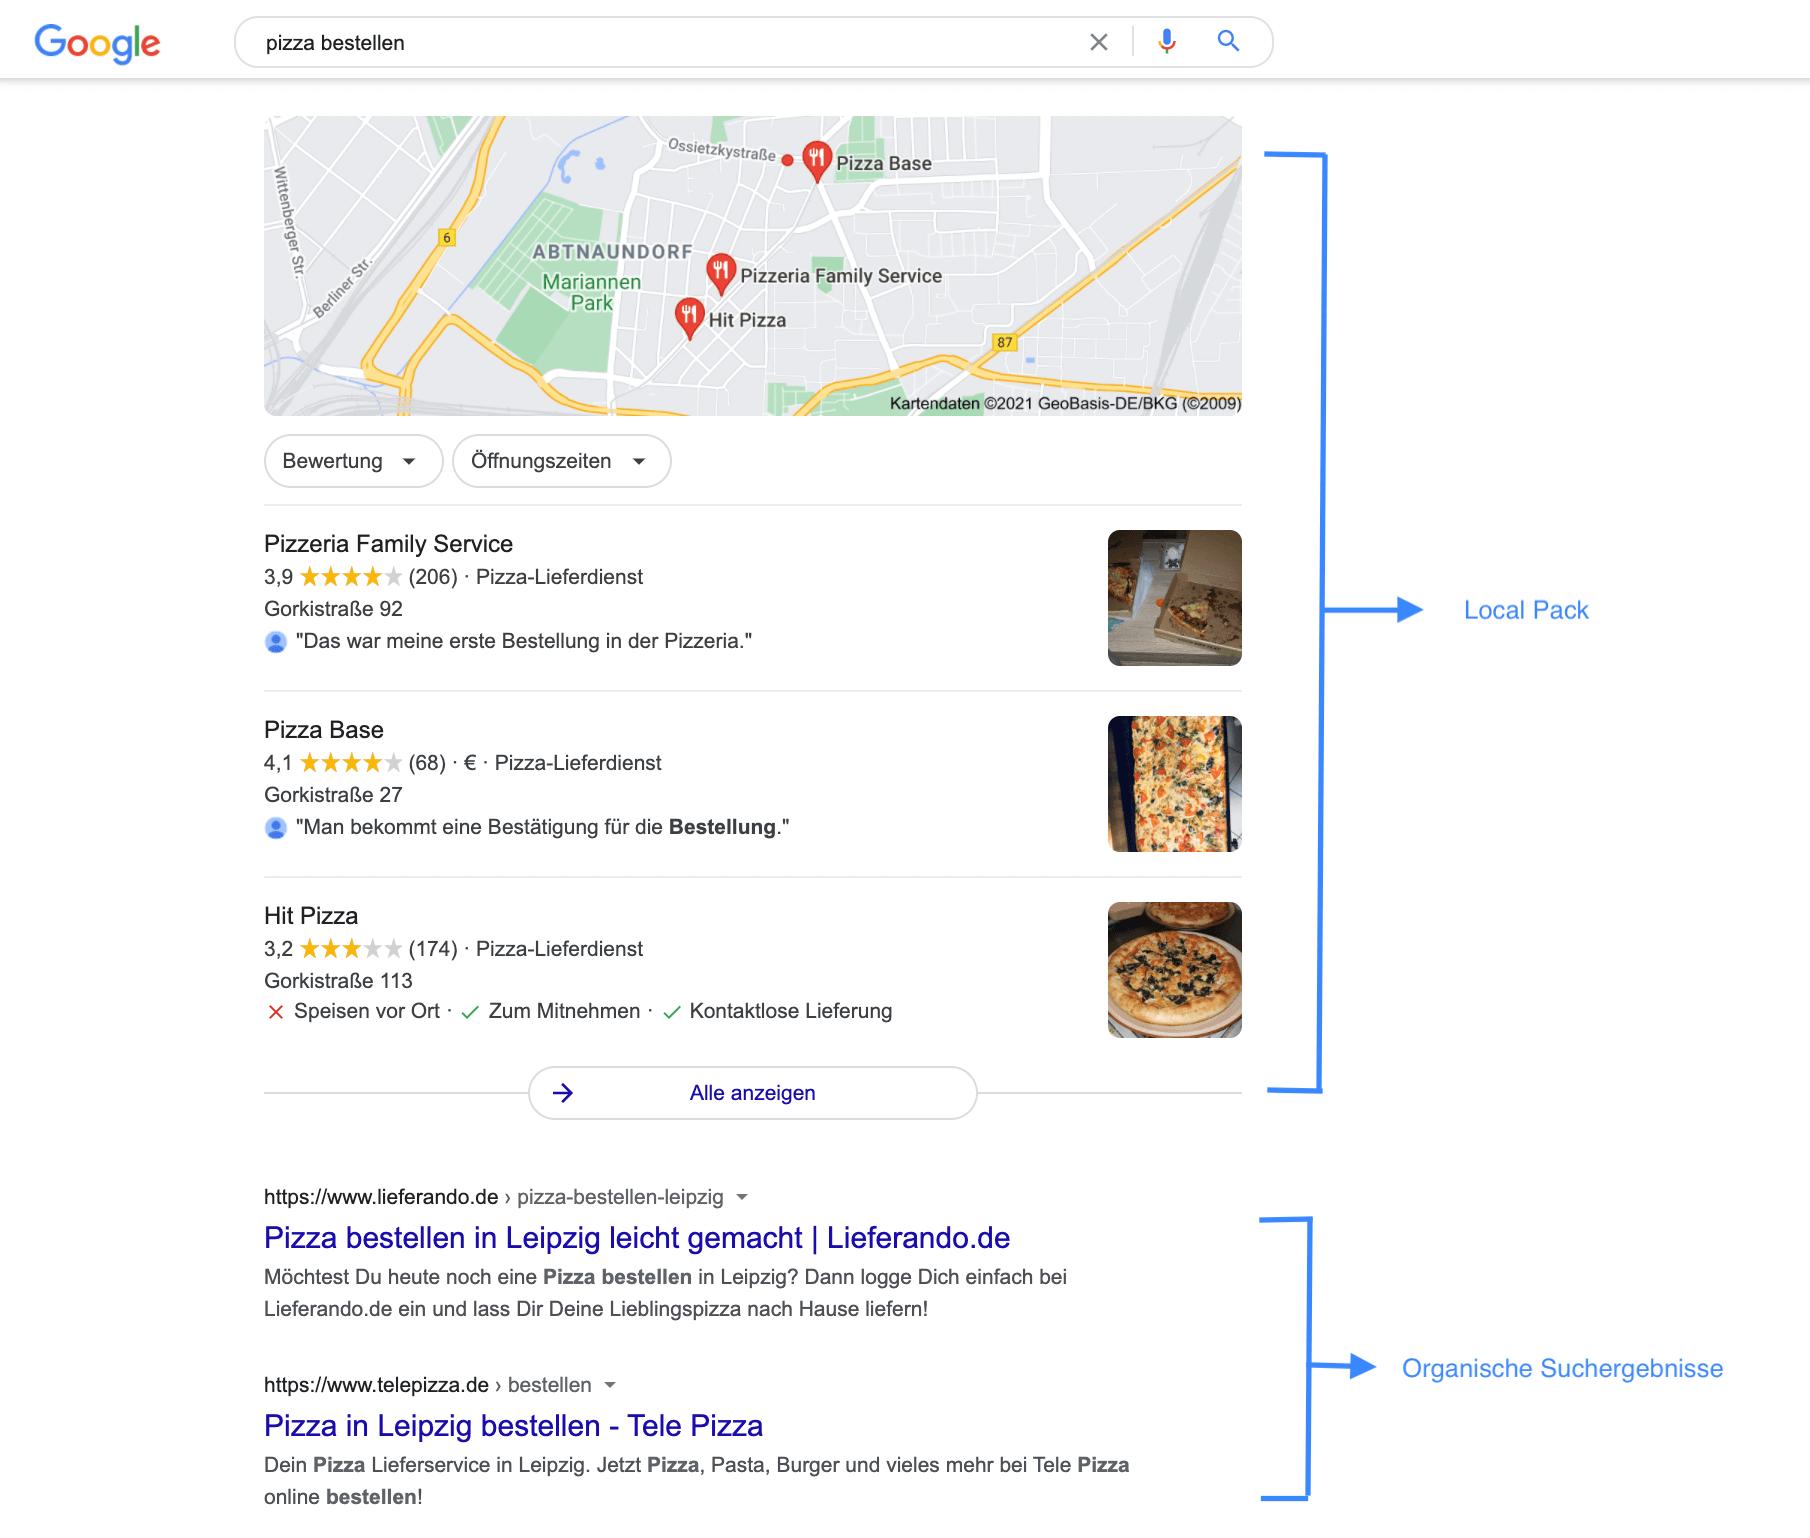 Google-Suchergebnisse zur Anfrage Pizza bestellen